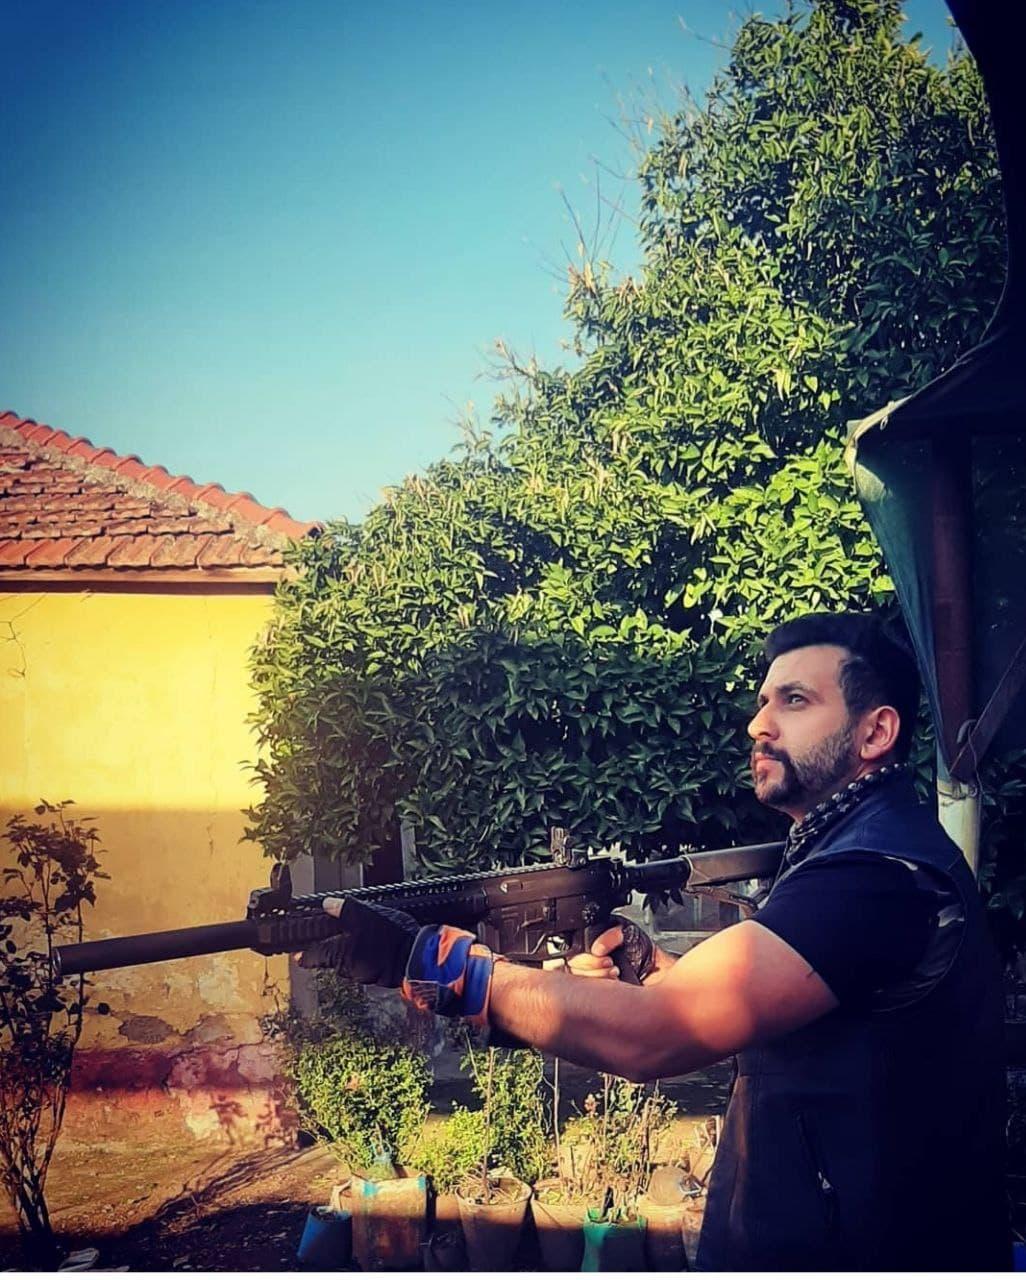 Onur Gencer kimdir? Kaç yaşında? | İzmir HDP il binasına saldıran Onur  Gencer hayatı